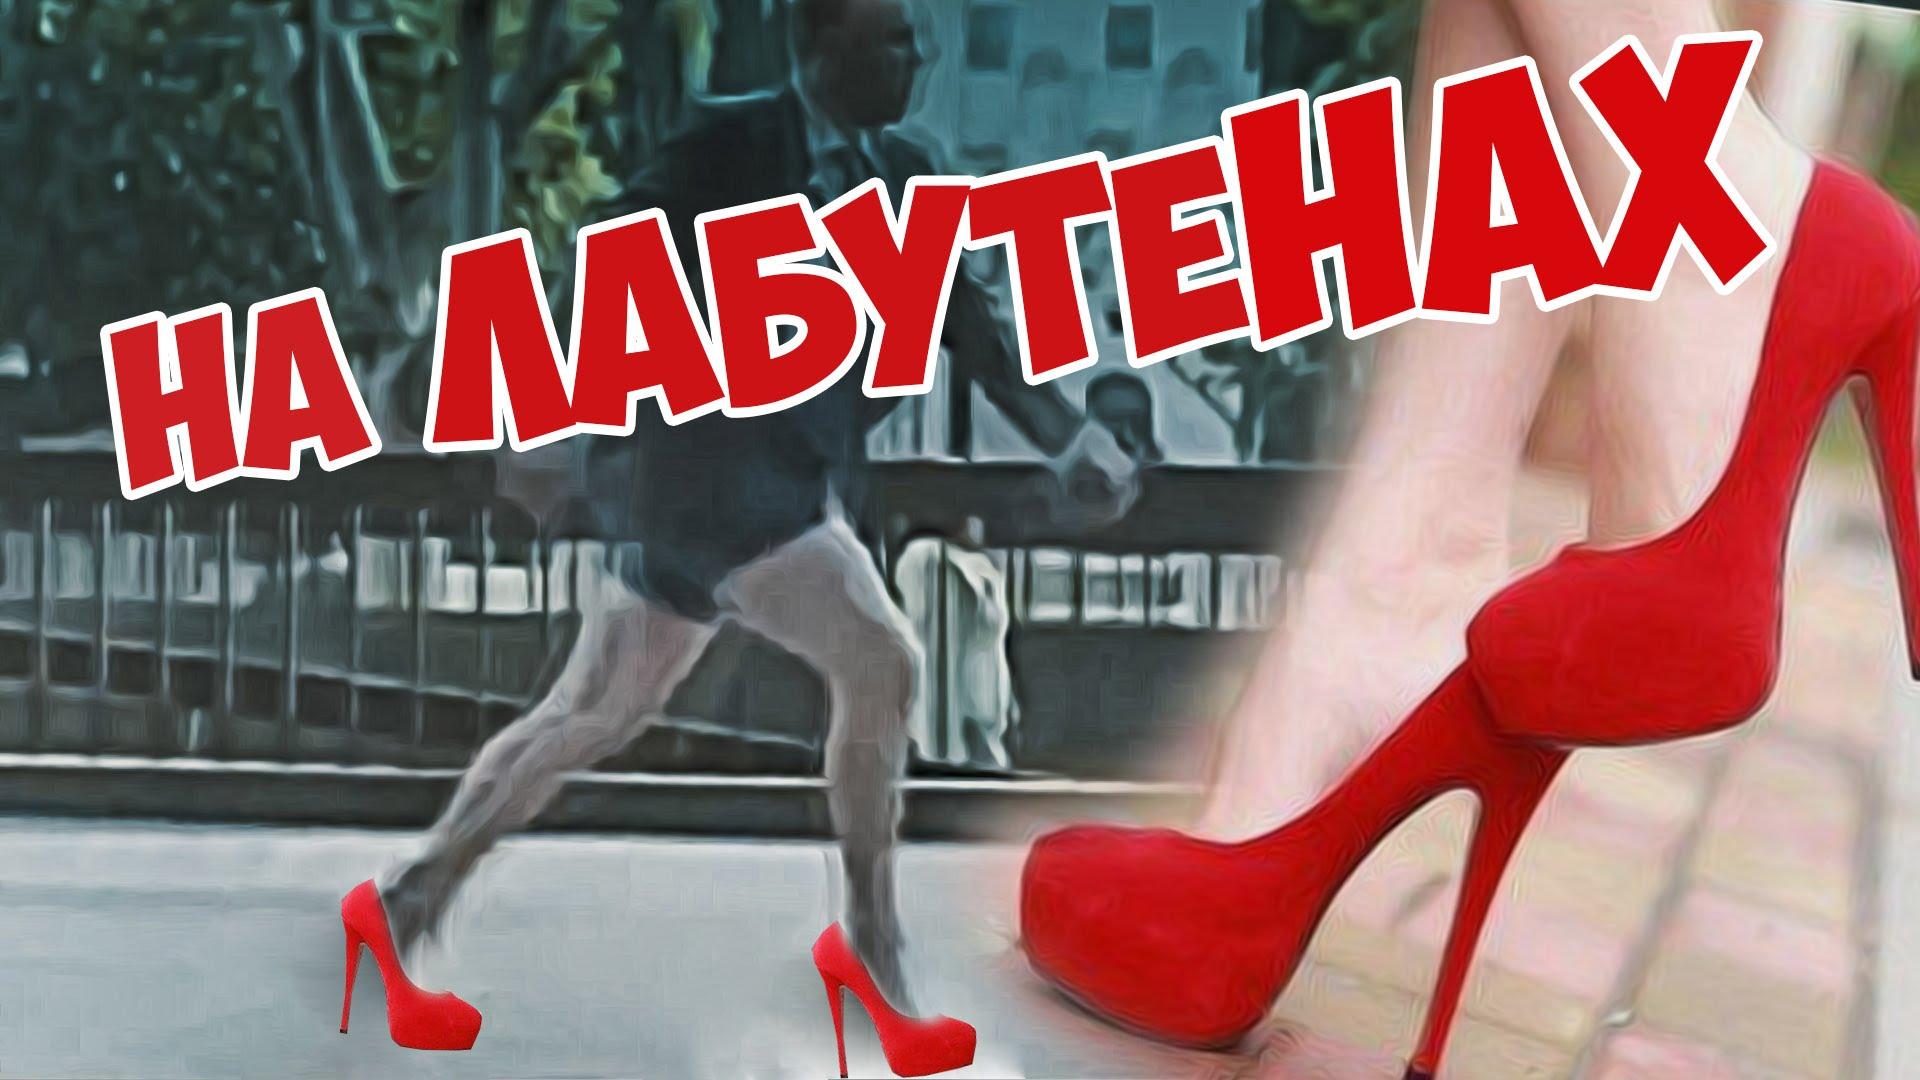 «На лабутенах»: шокированые иностранцы делятся впечатлениями о клипе «Ленинграда» (ВИДЕО)